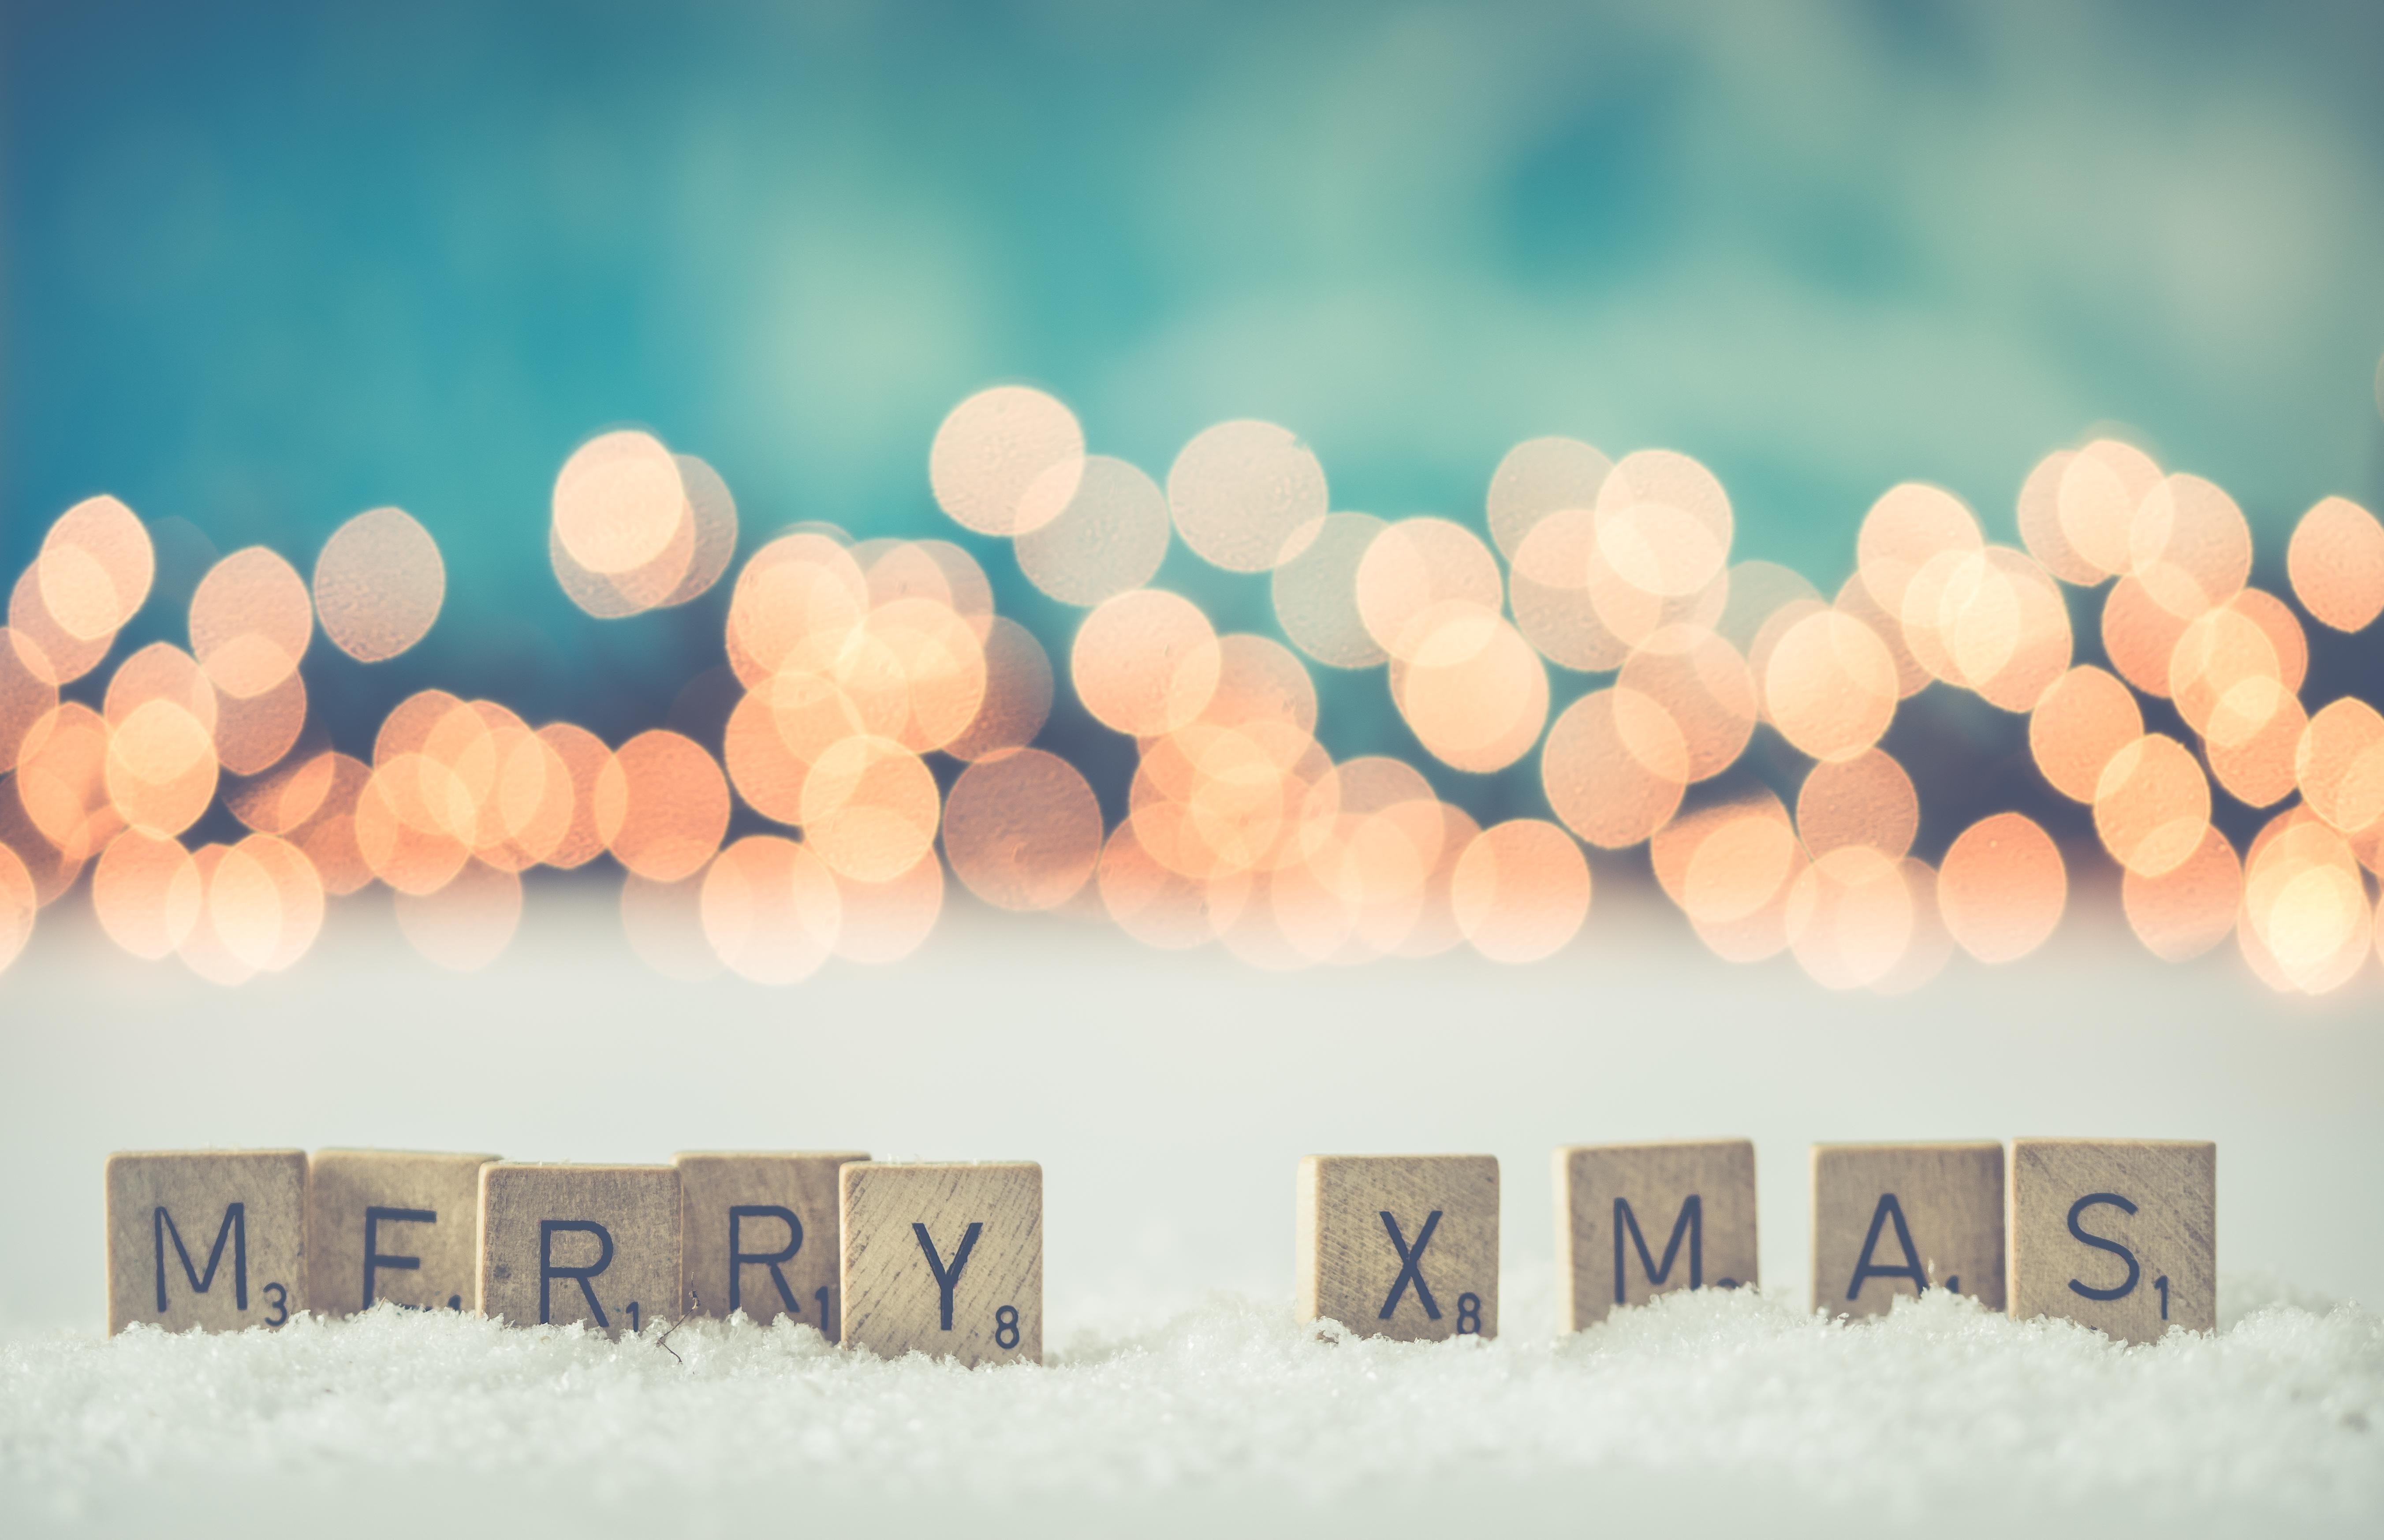 Kita Weihnachtsfeier Ideen.Die Besten Weihnachtsfeier Ideen